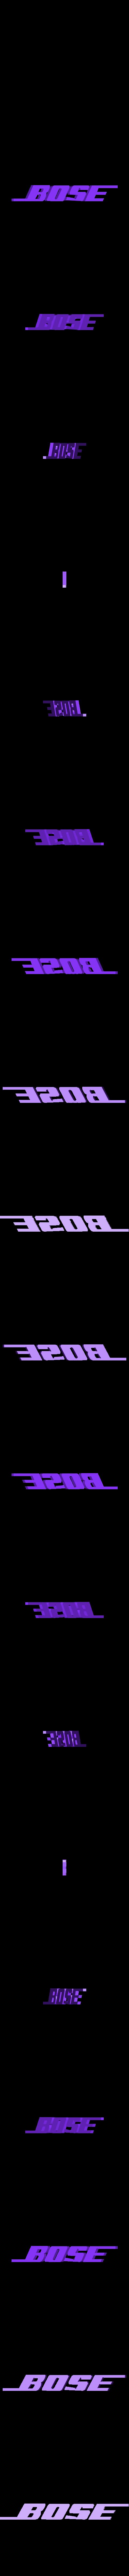 BOSE BLANC.stl Télécharger fichier STL gratuit porte clés BOSE • Modèle pour imprimante 3D, 10E9